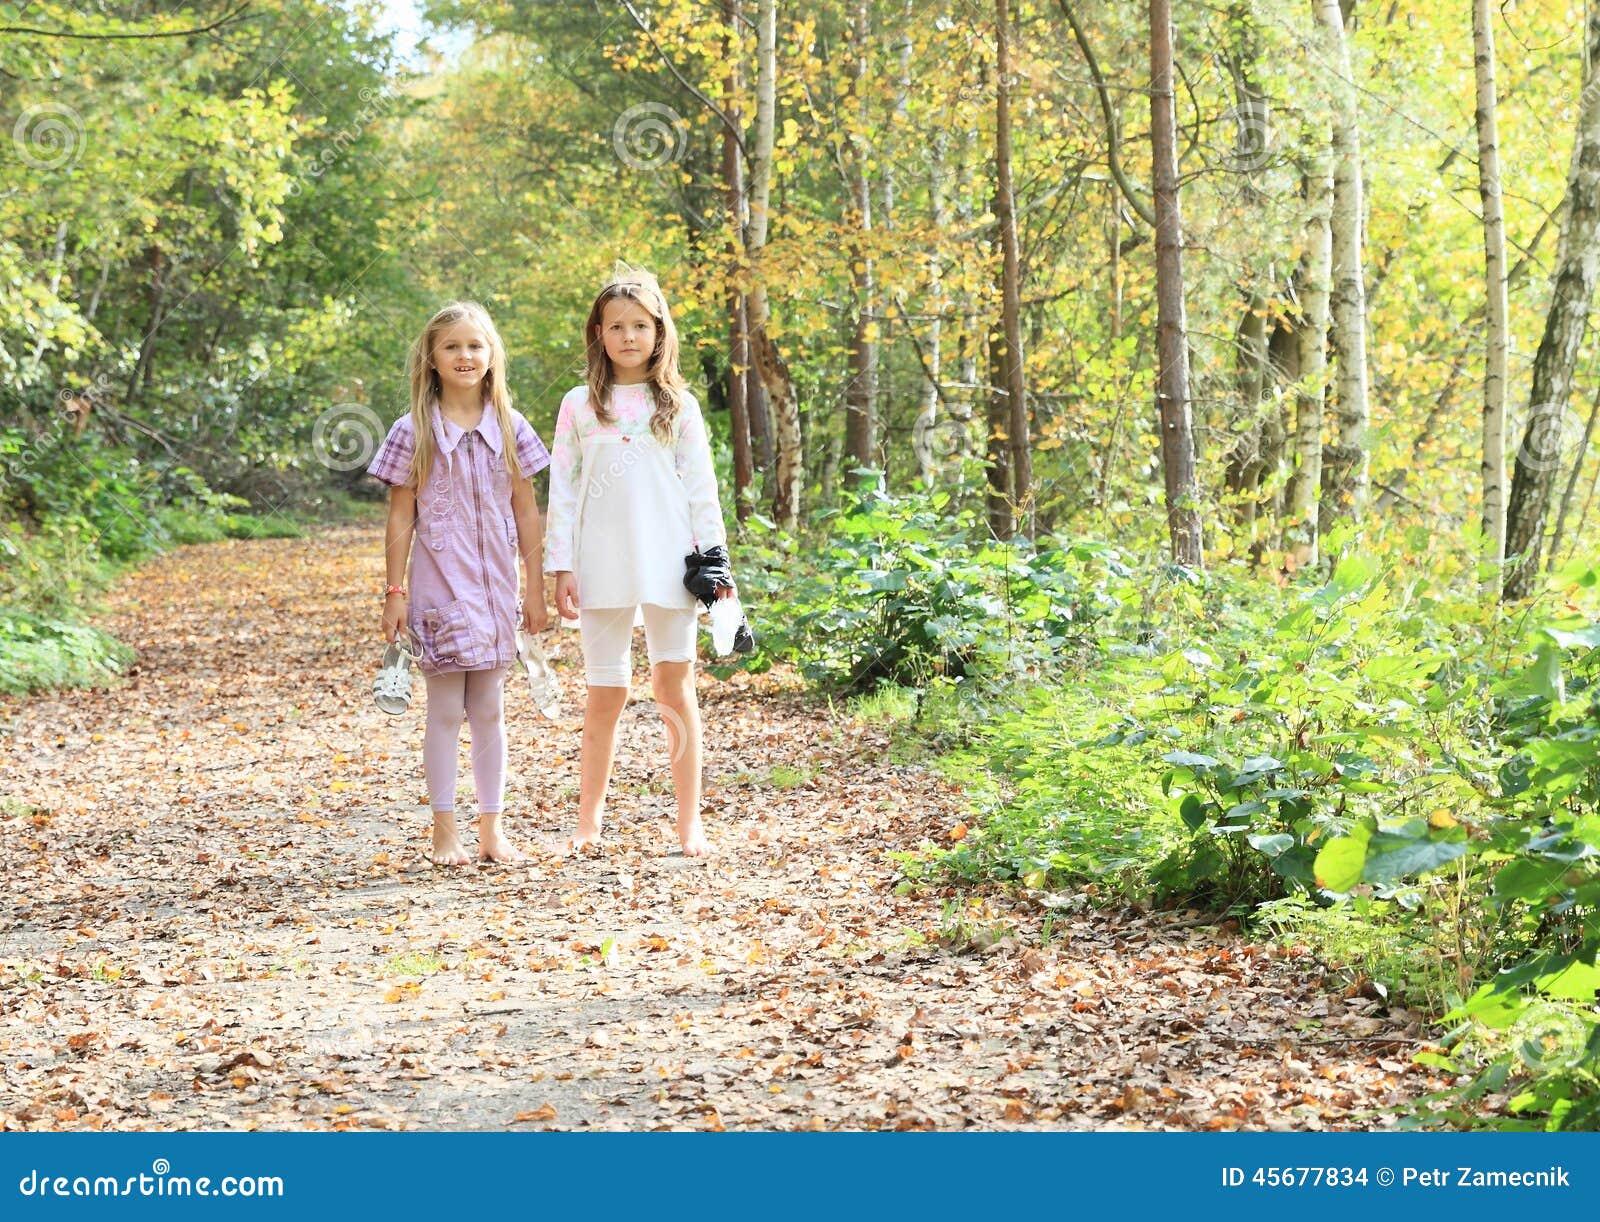 Little kids - girls standing barefoot